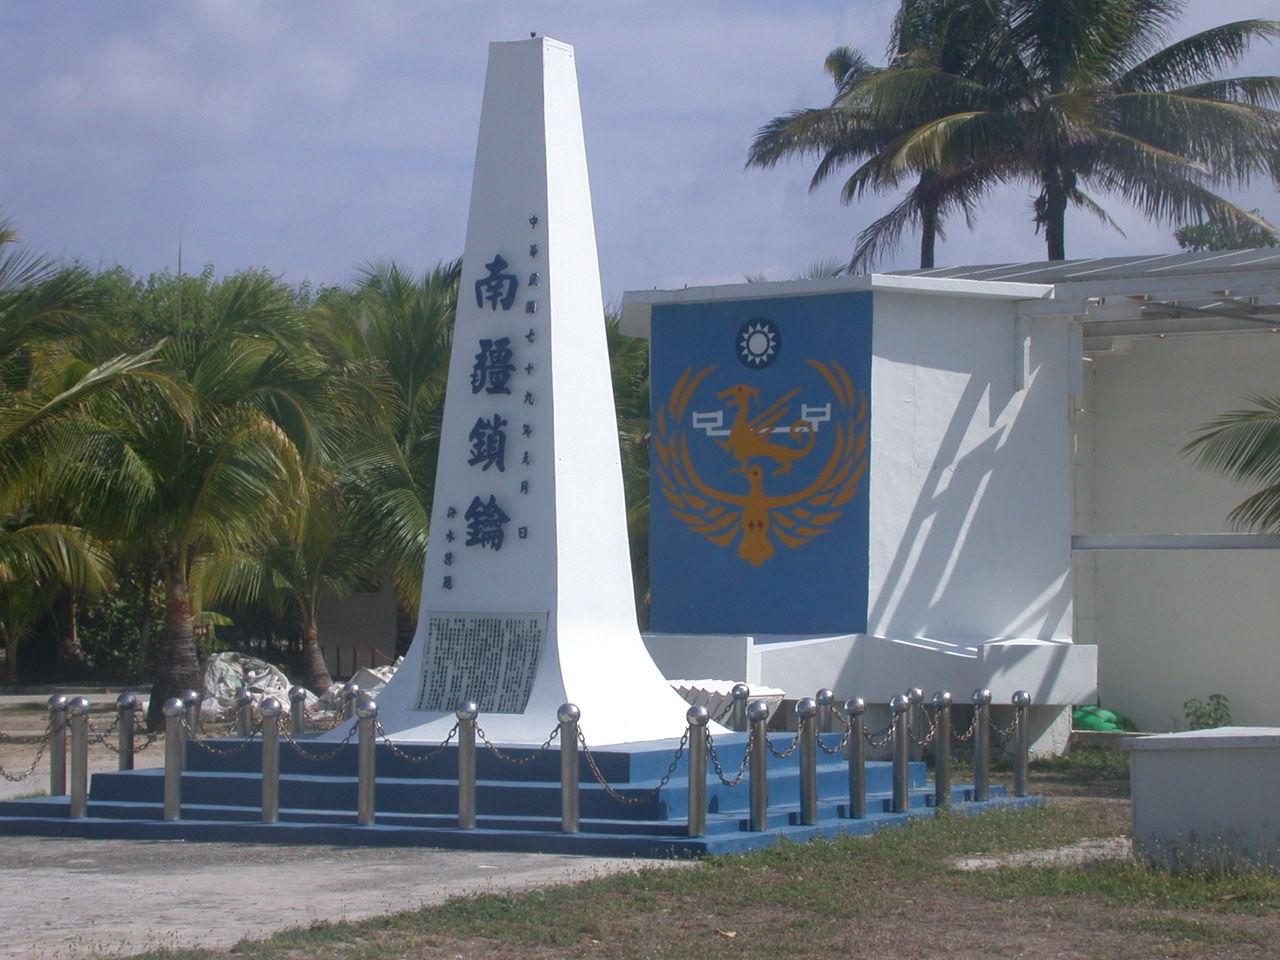 视频: 台军称越南严重威胁南海《太平岛》